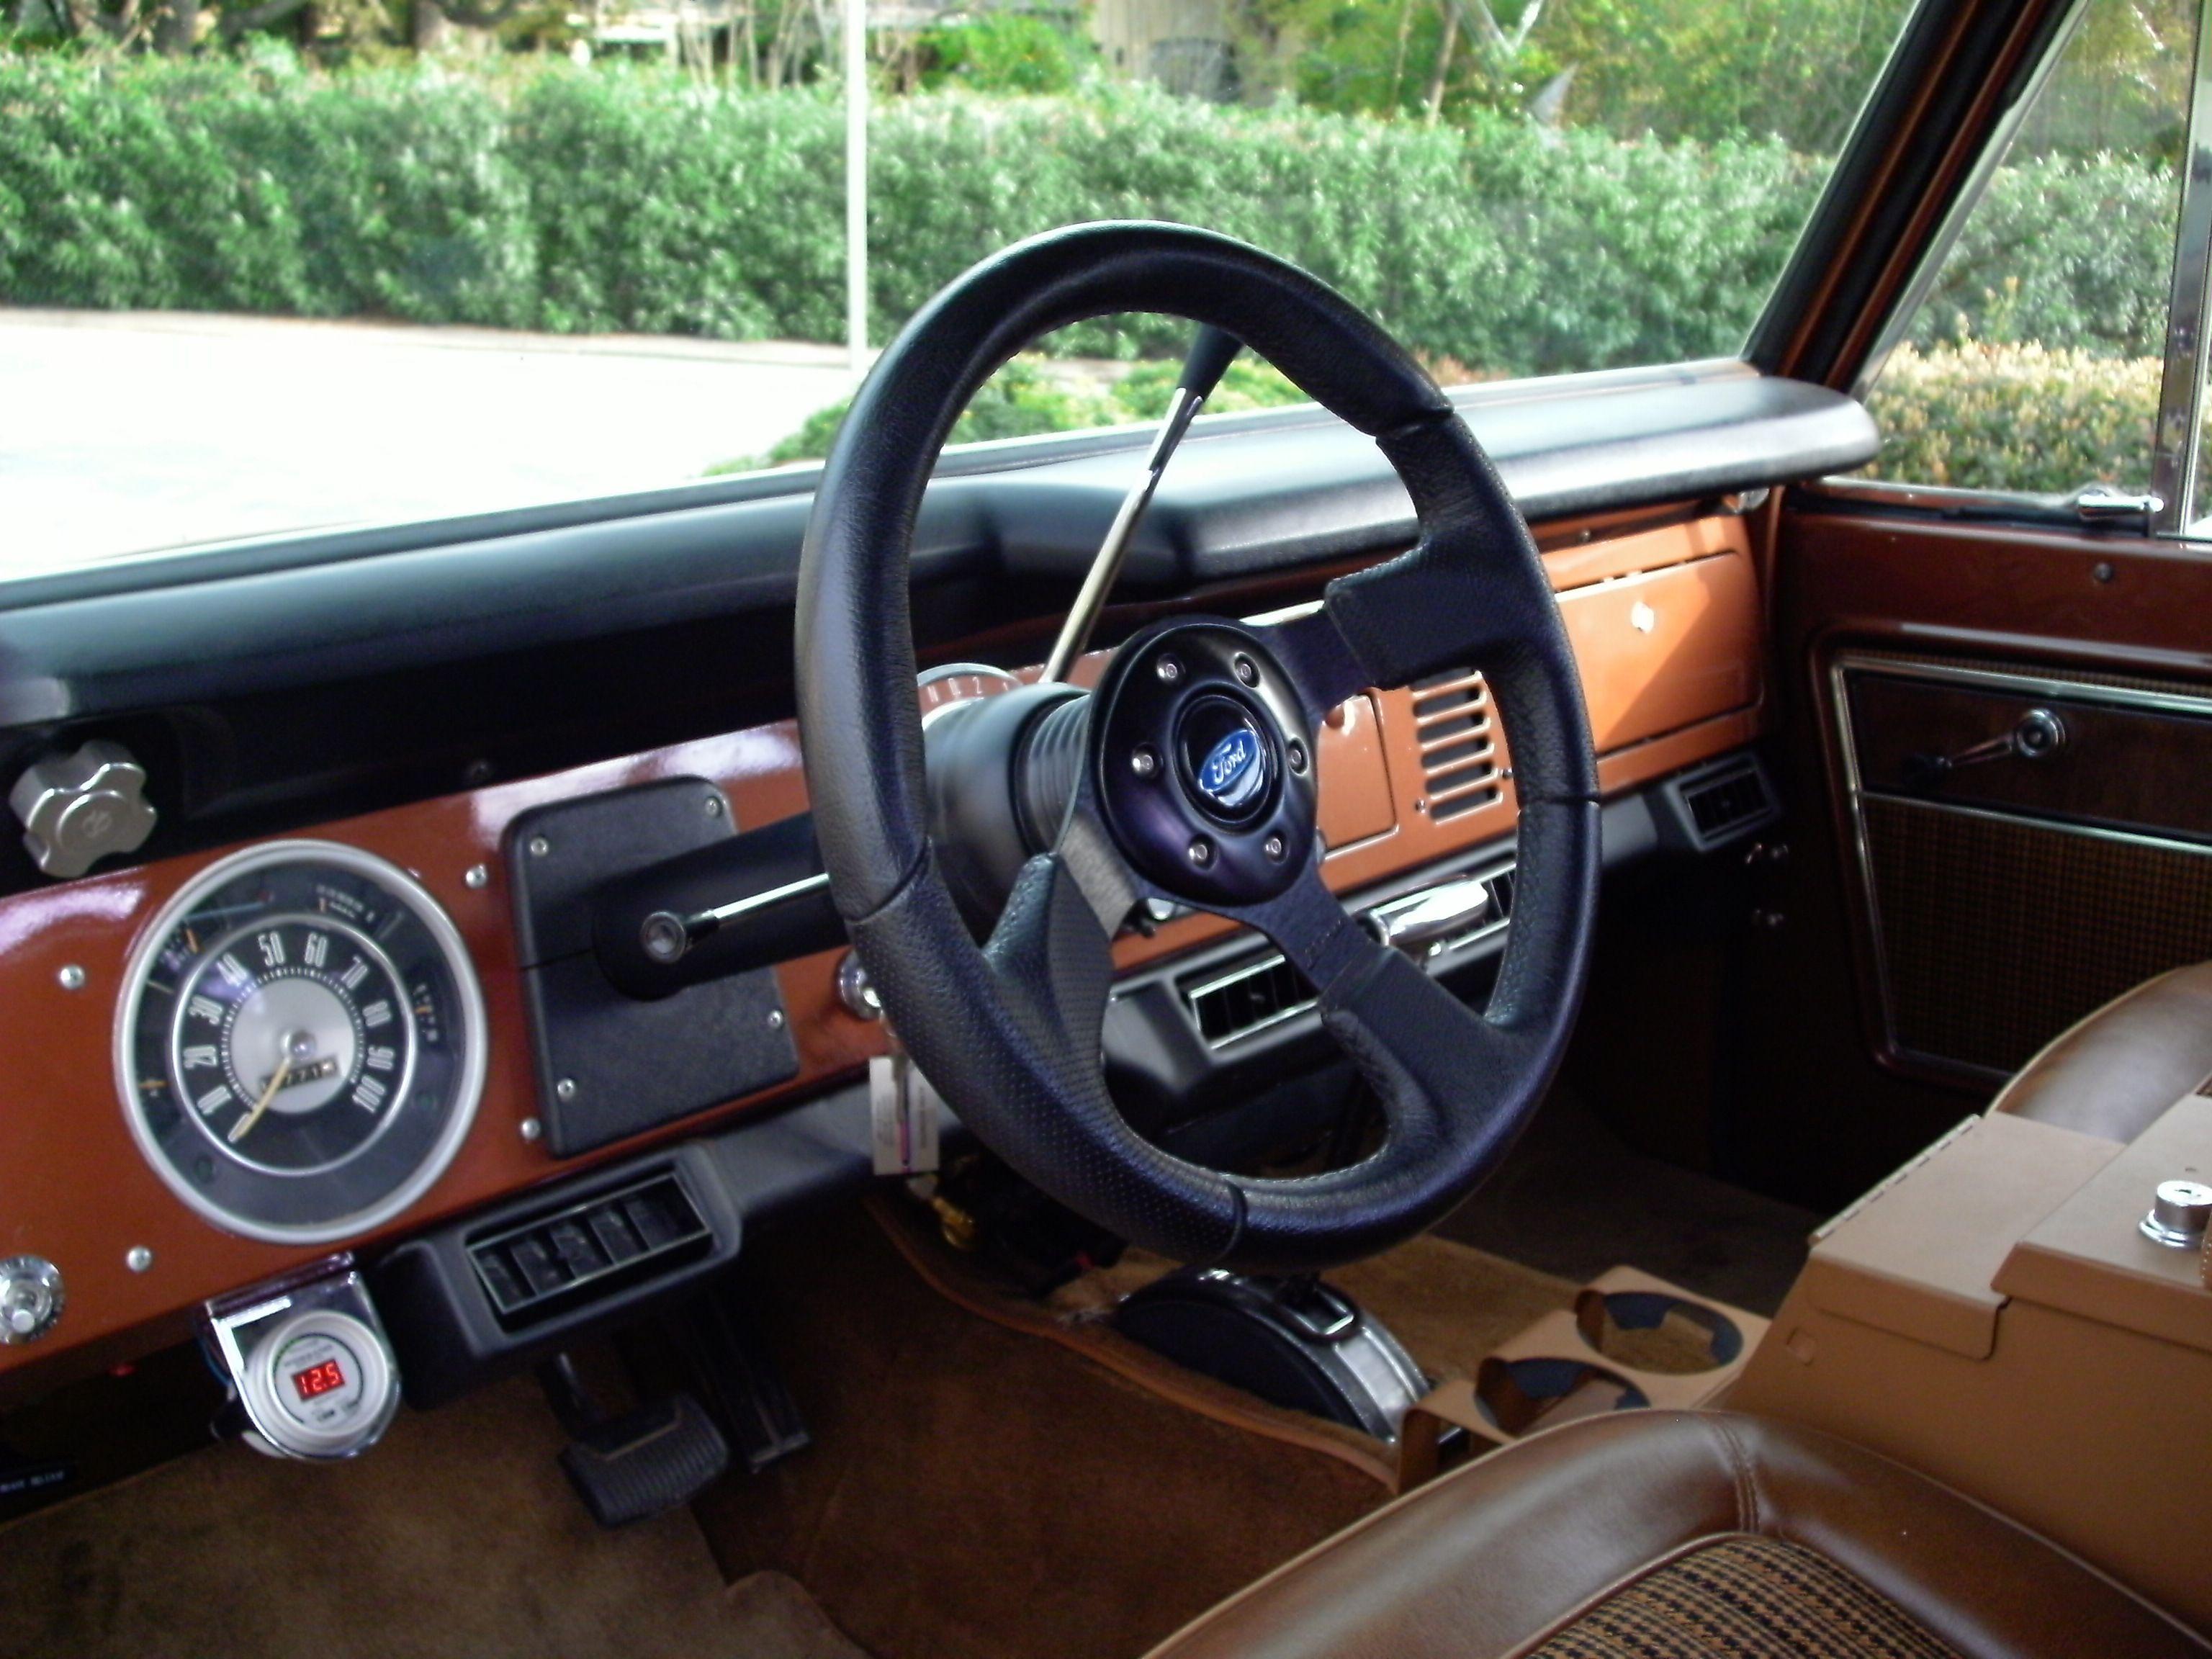 1972 ford bronco interior  Google Search  O l d i e s